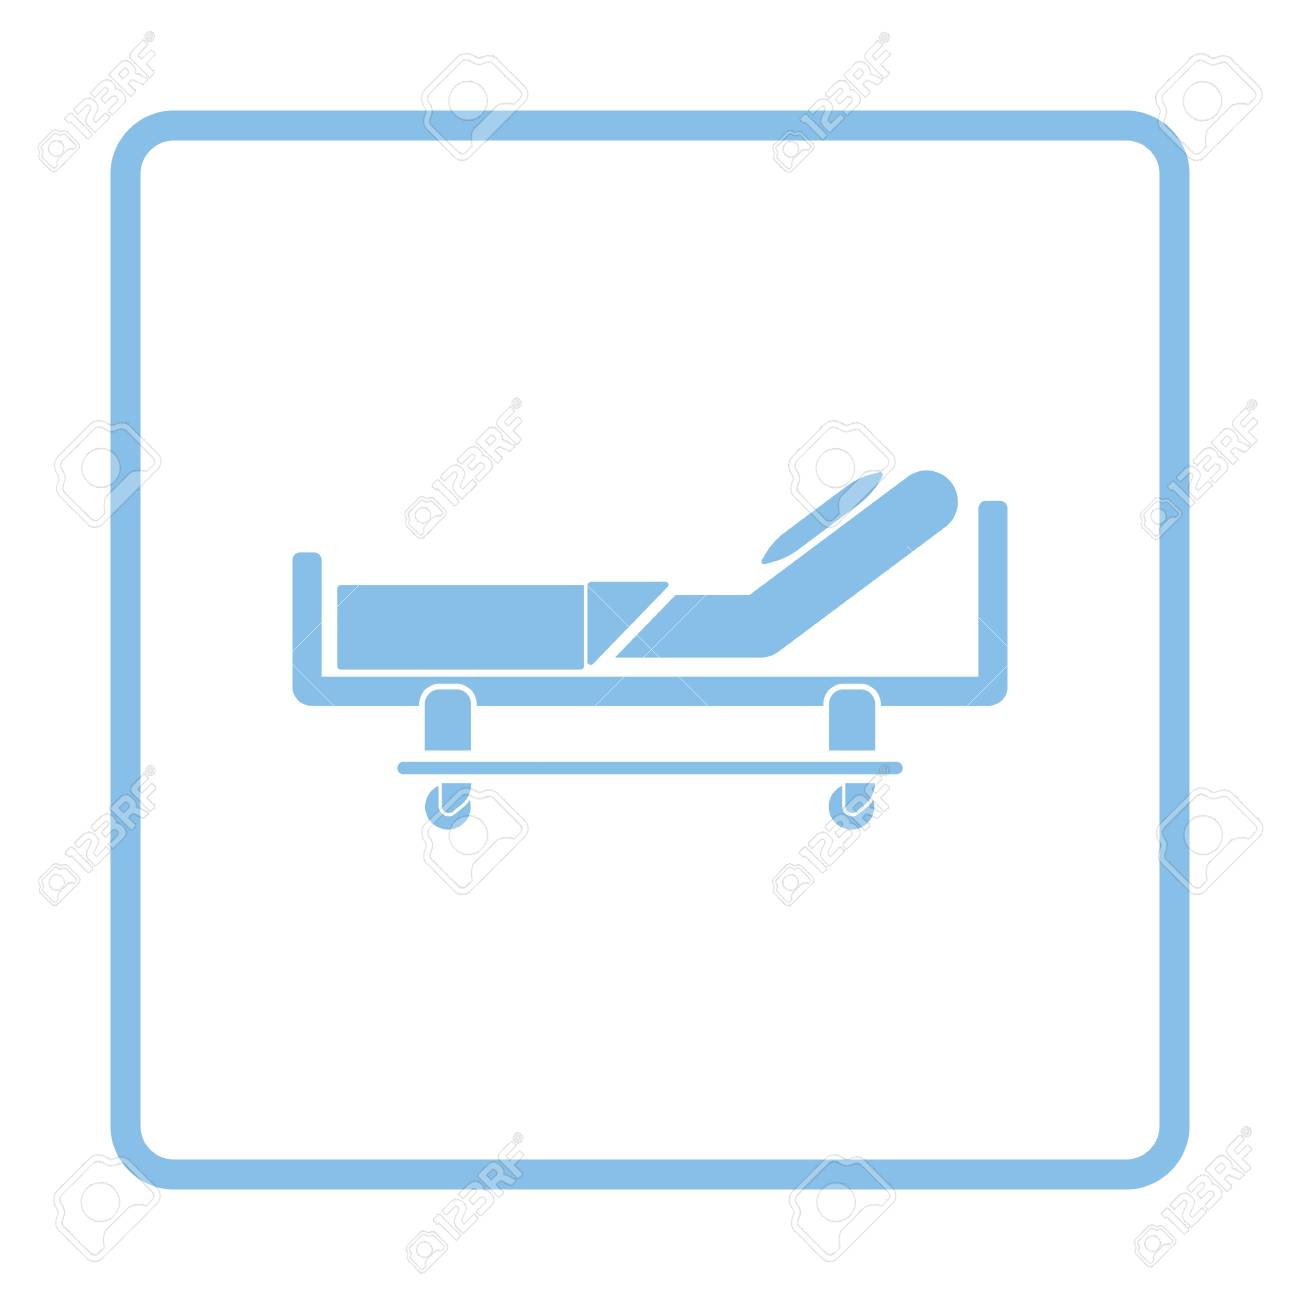 Icono De Cama De Hospital. Diseño De Marco Azul. Ilustración ...